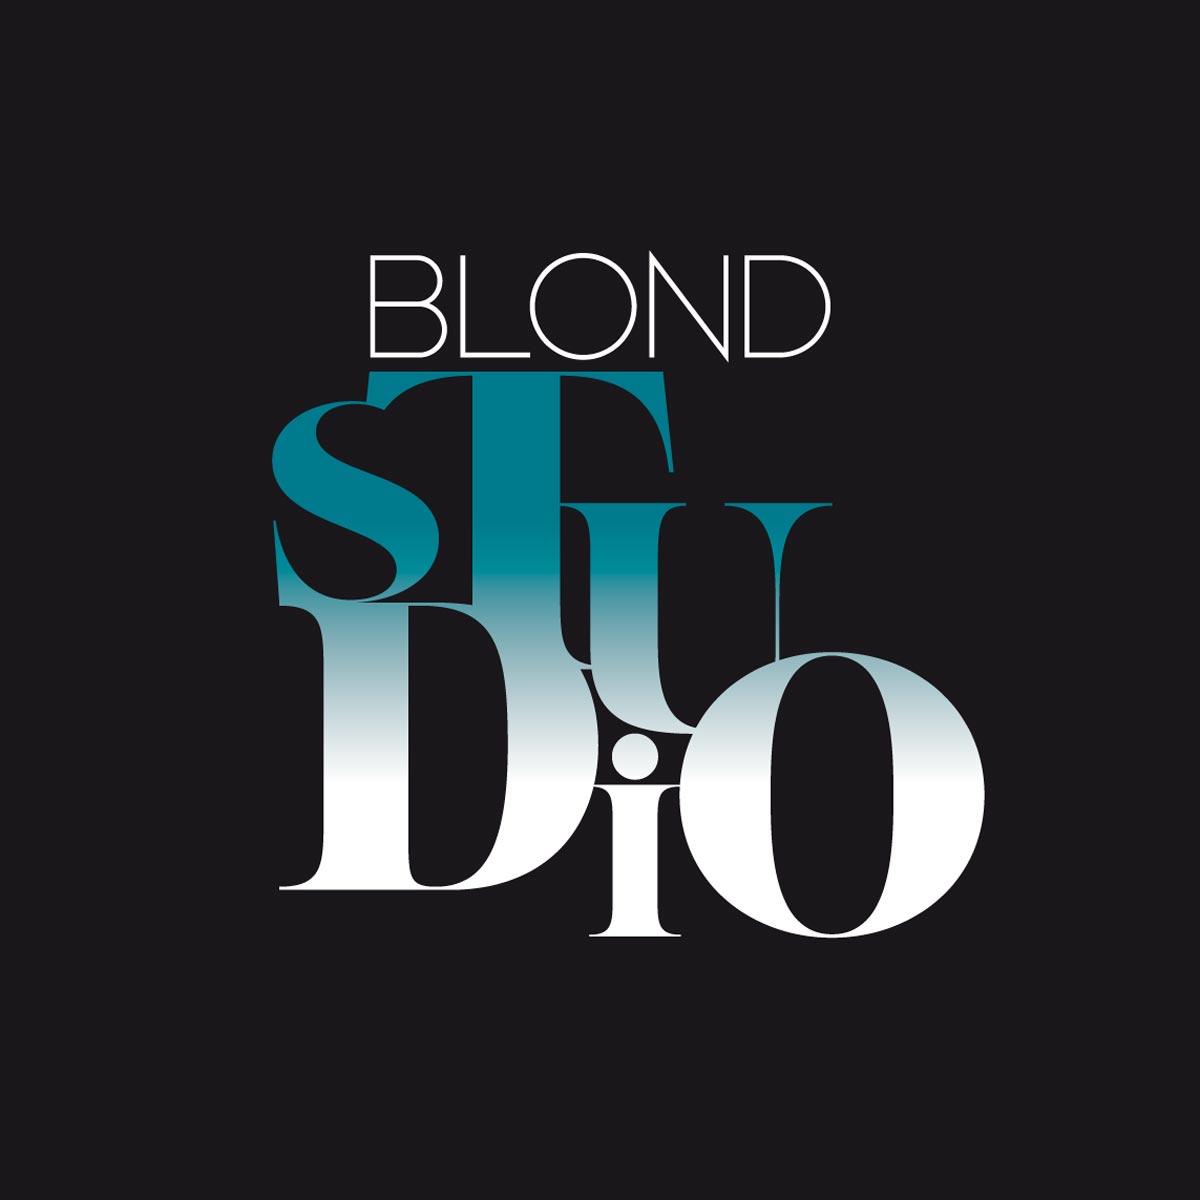 L'Oréal Professionnel uviedol v máji 2015 nový kompletný rad zosvetľujúcich produktov vytvorený v spolupráci s kaderníkmi – Blond štúdio. S ním prichádzajú aj tri nové techniky, ktoré sú zdrojom inšpirácie v oblasti parciálnych efektov nielen pre vás ale aj pre vašich kaderníkov – contouring, babylights a sunkissed.